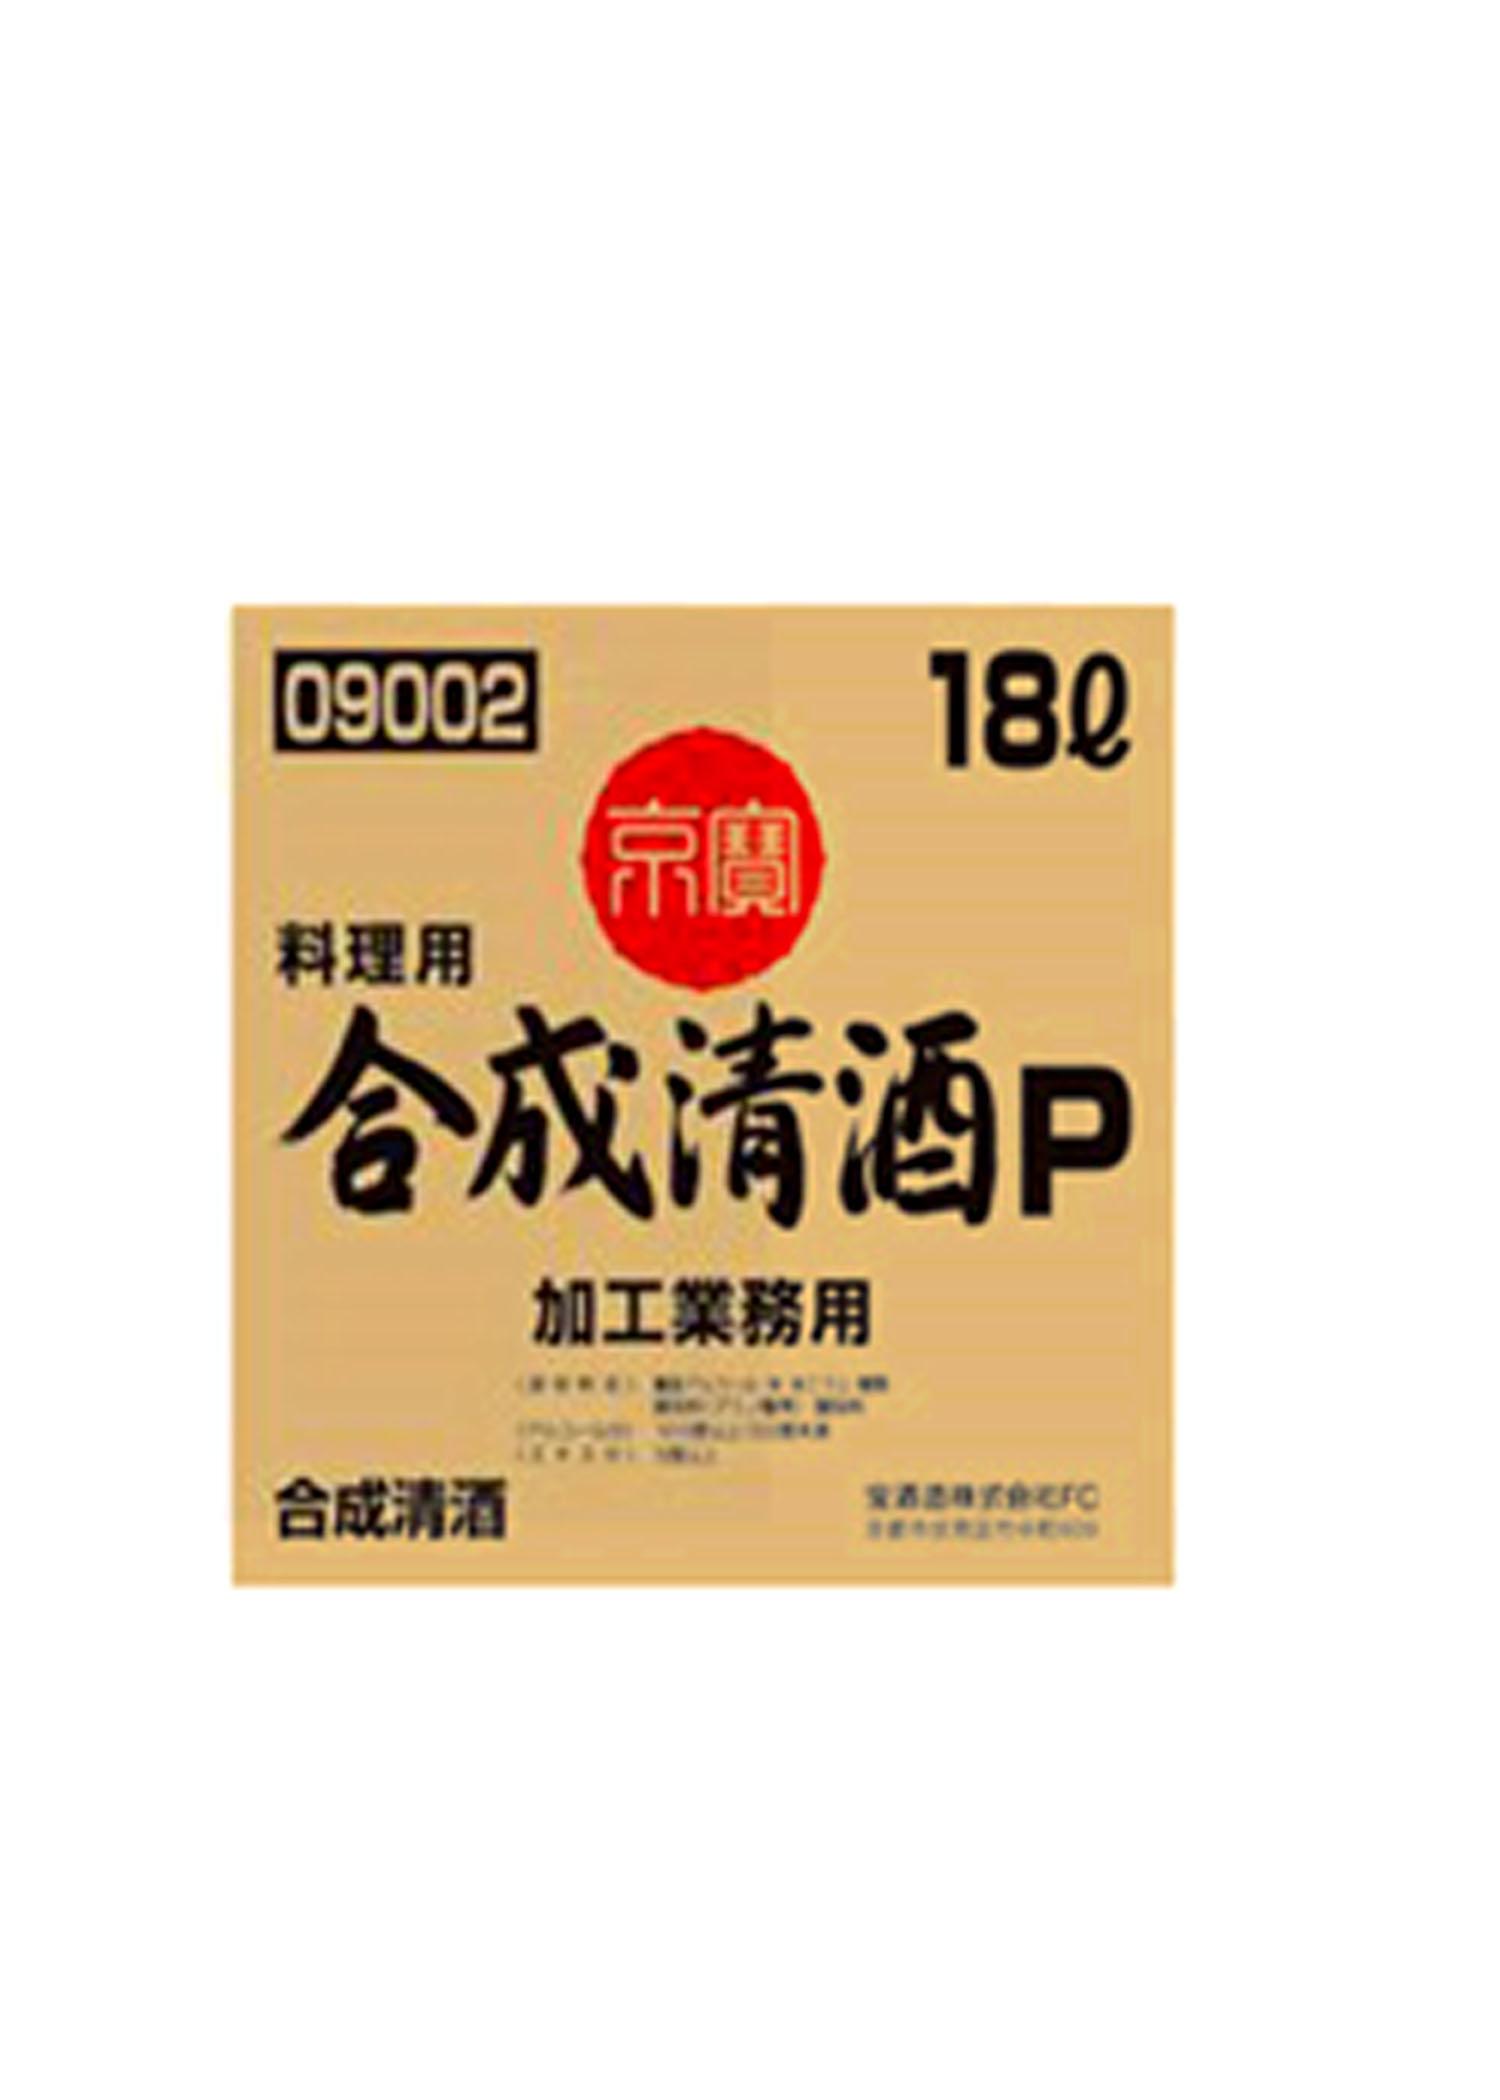 gousei-18l-1519435337.jpg